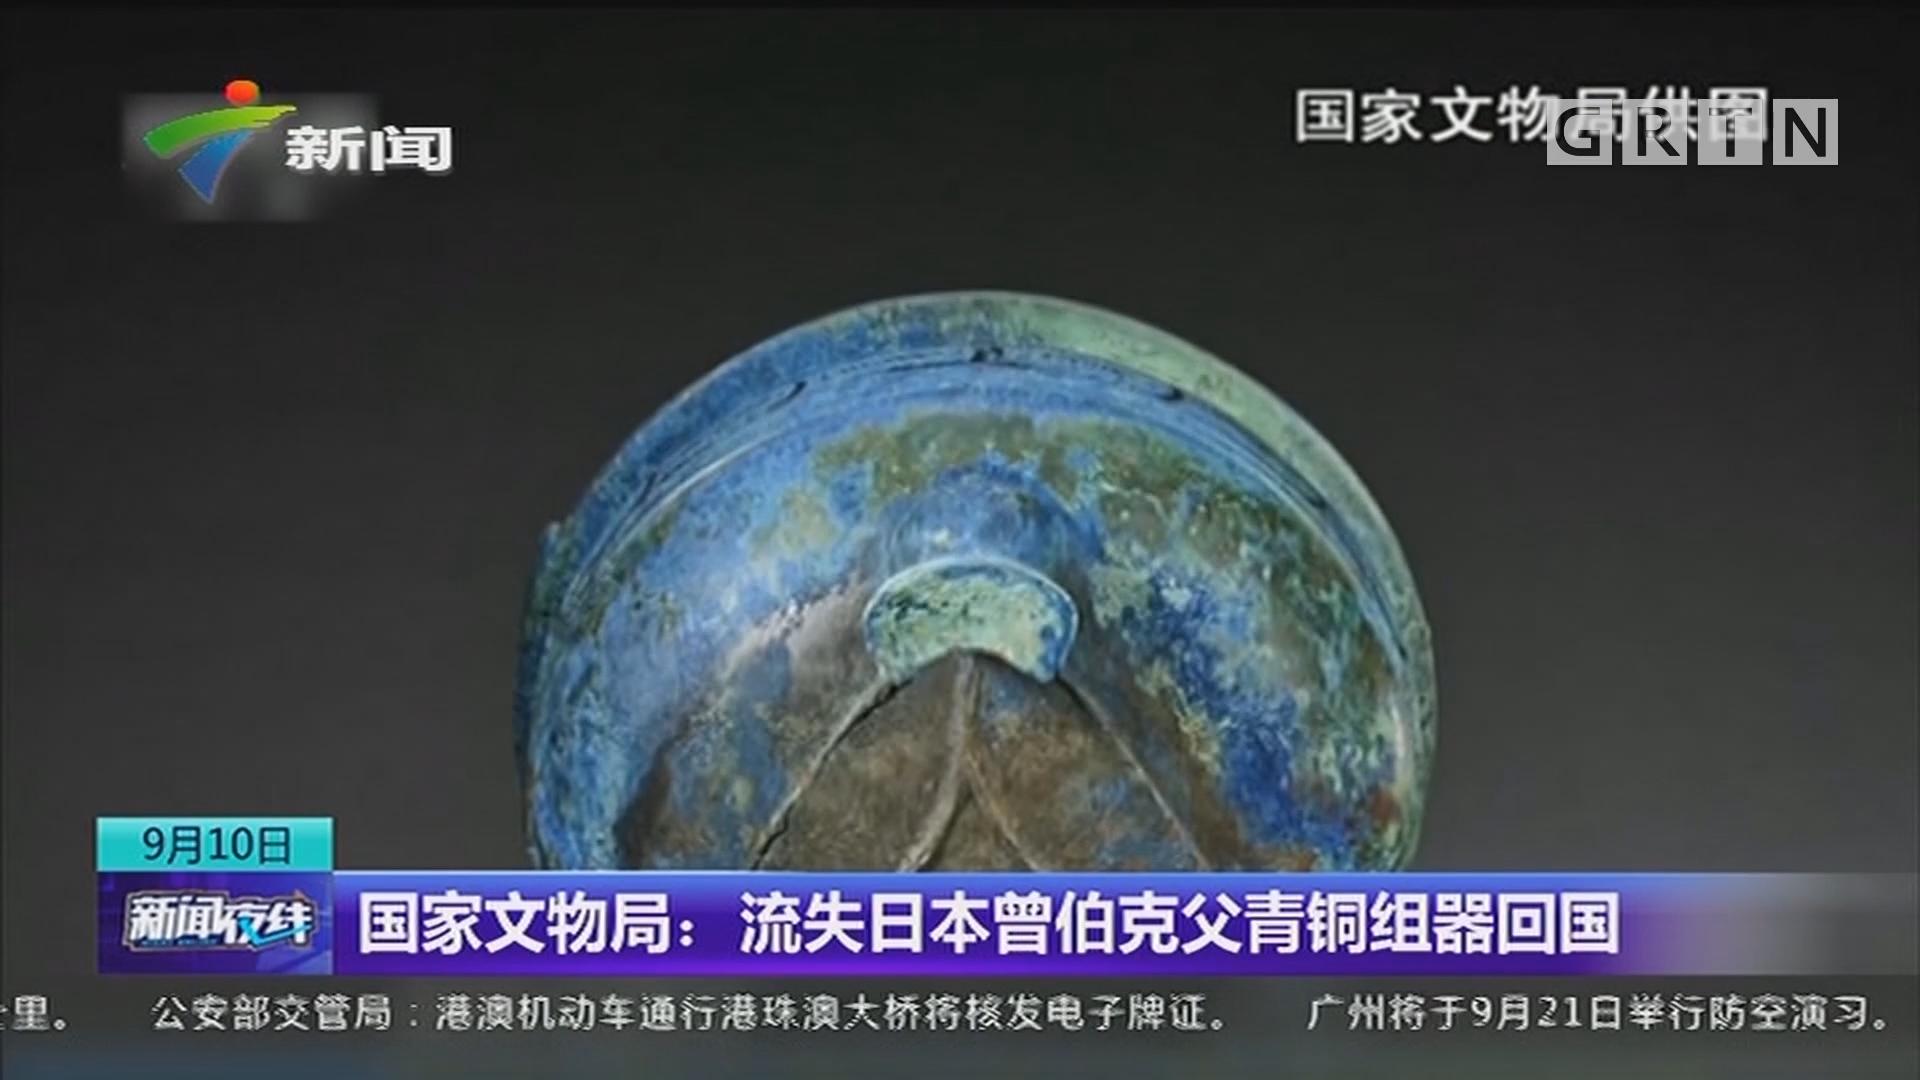 国家文物局:流失日本曾伯克父青铜组器回国